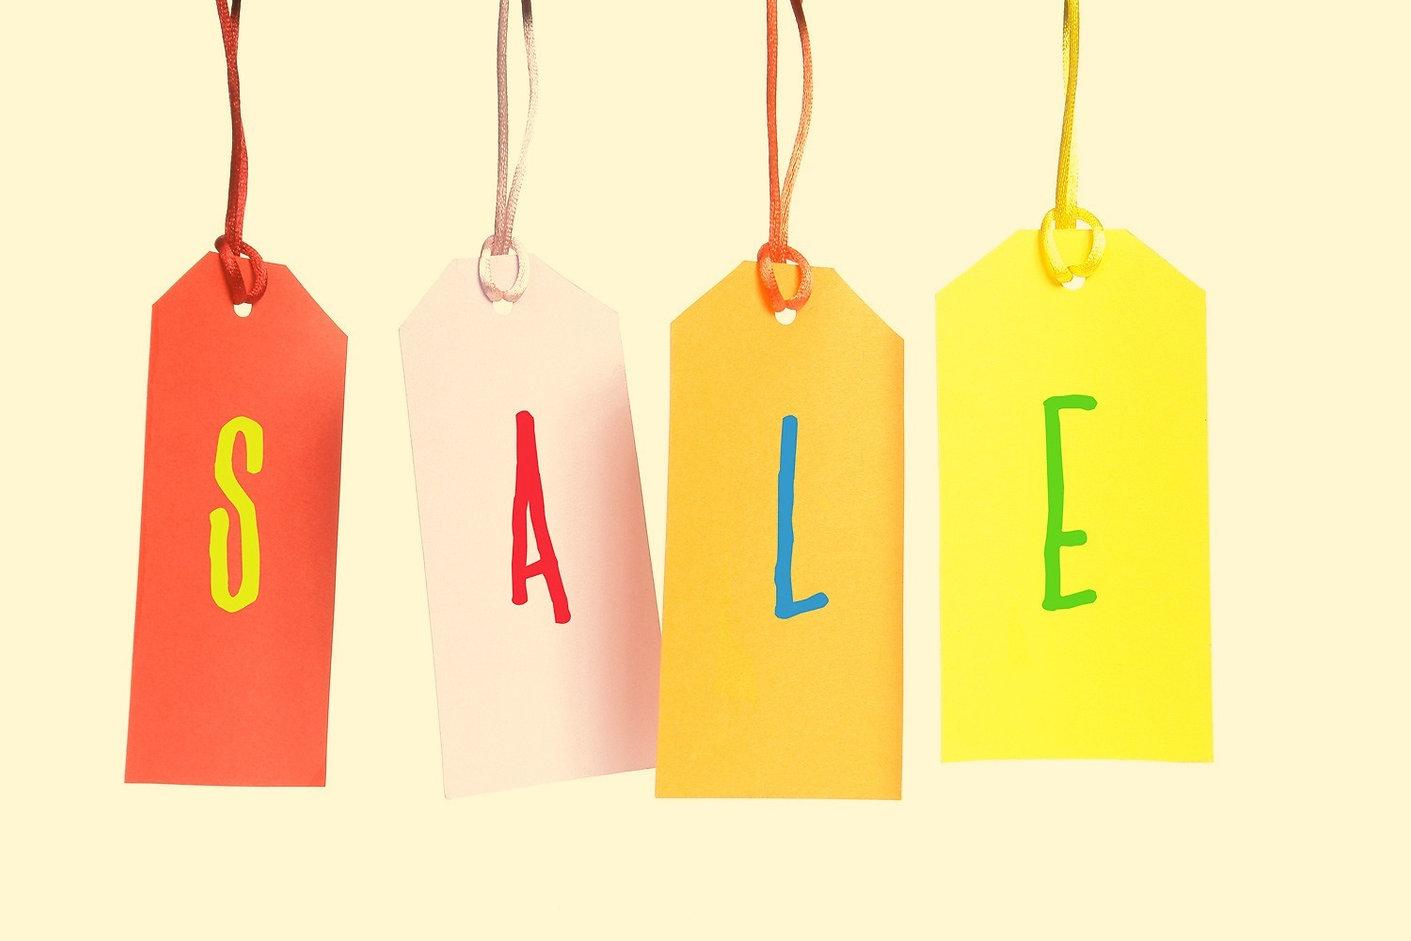 Sale%2520_edited_edited.jpg